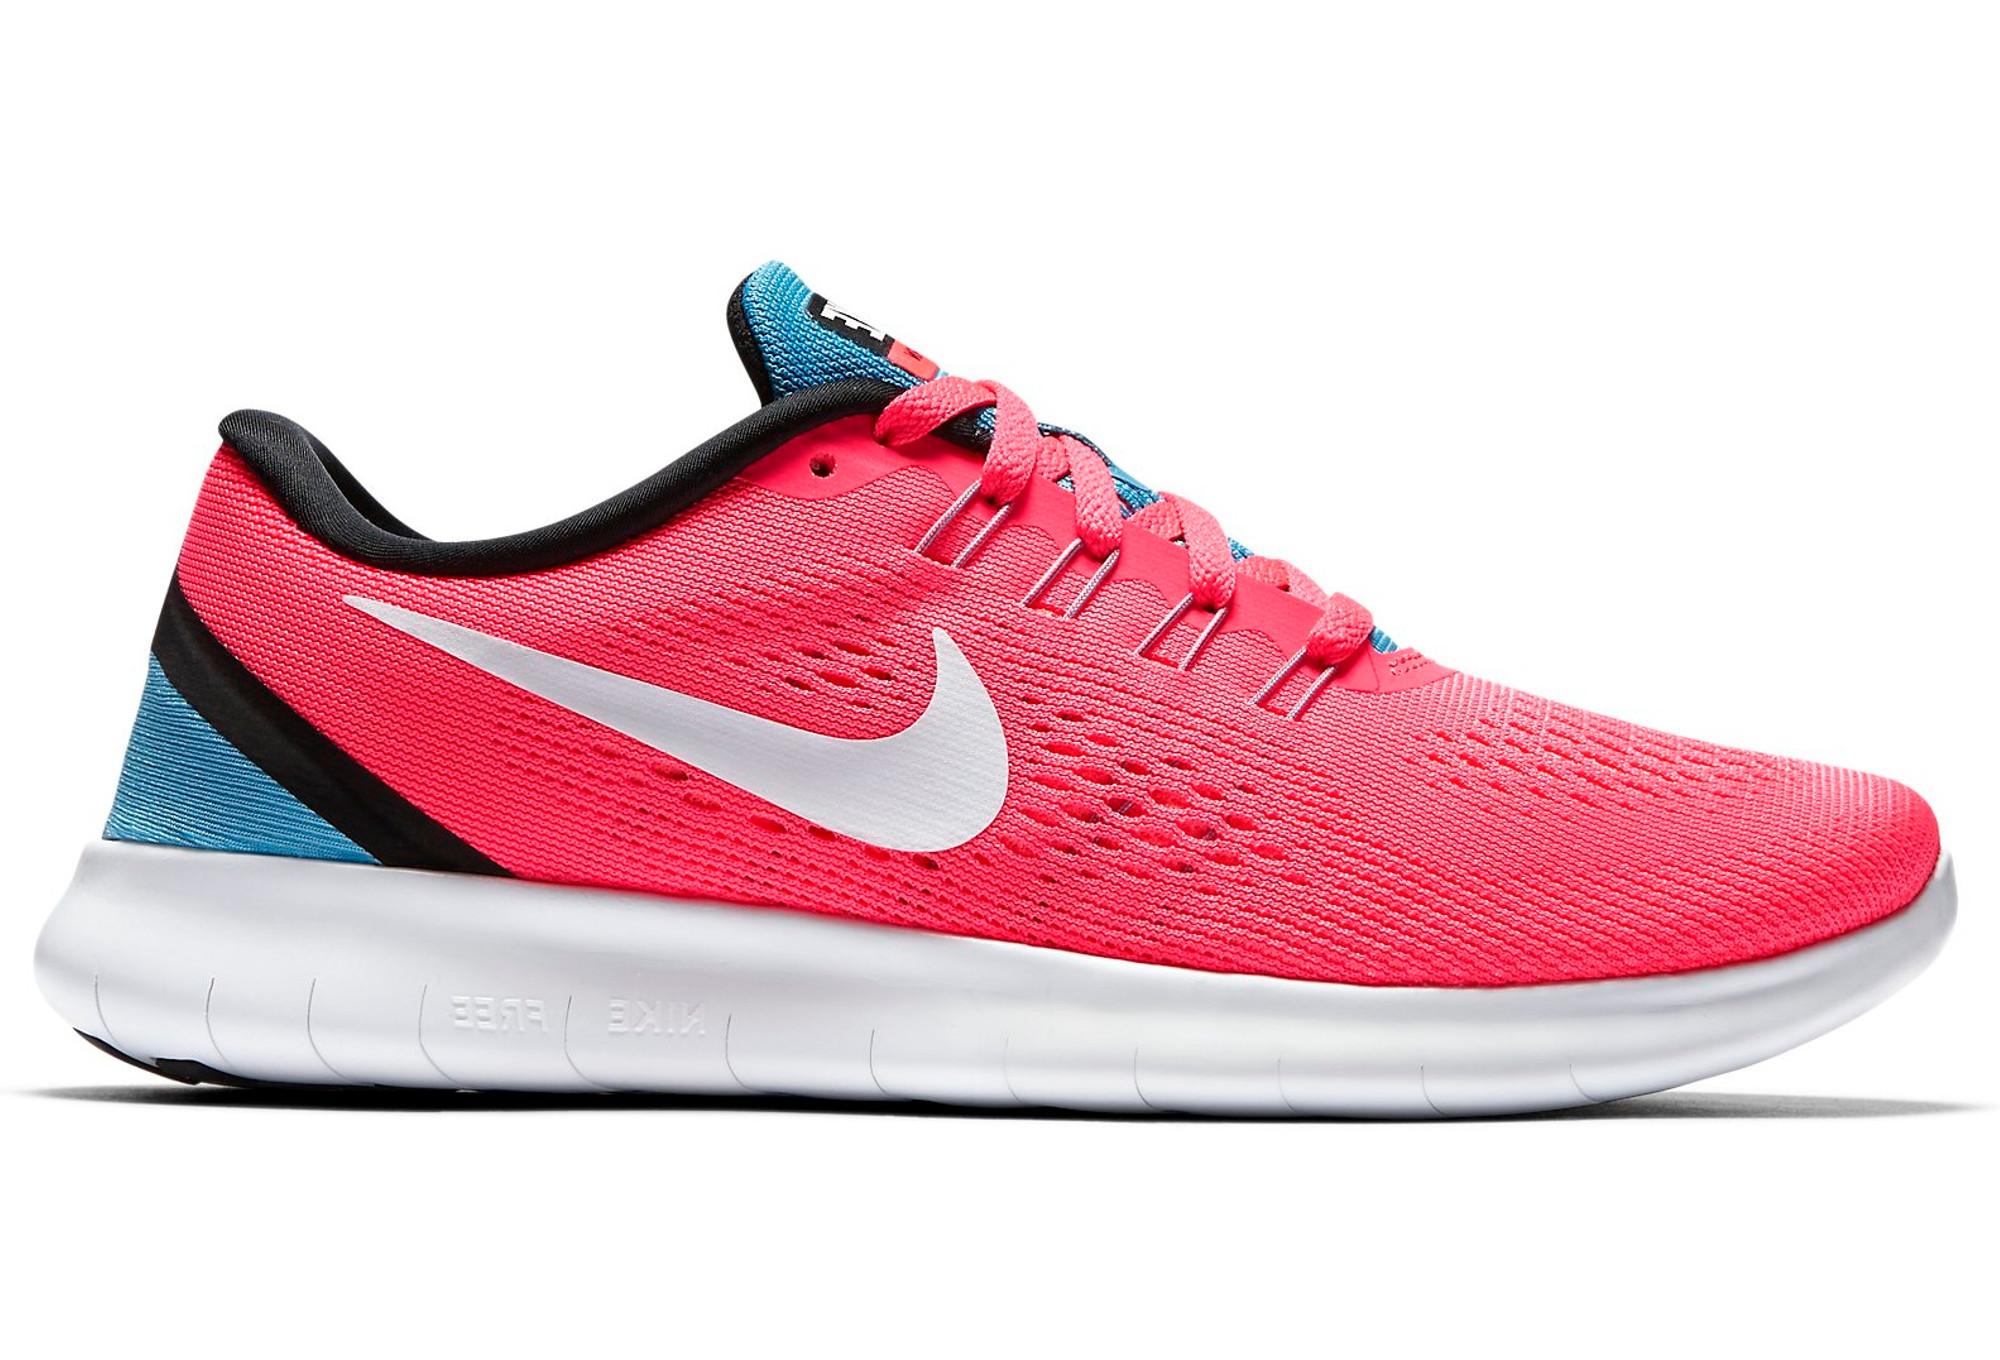 f959a532d2a NIKE Shoes FREE RN Pink White Blue Women